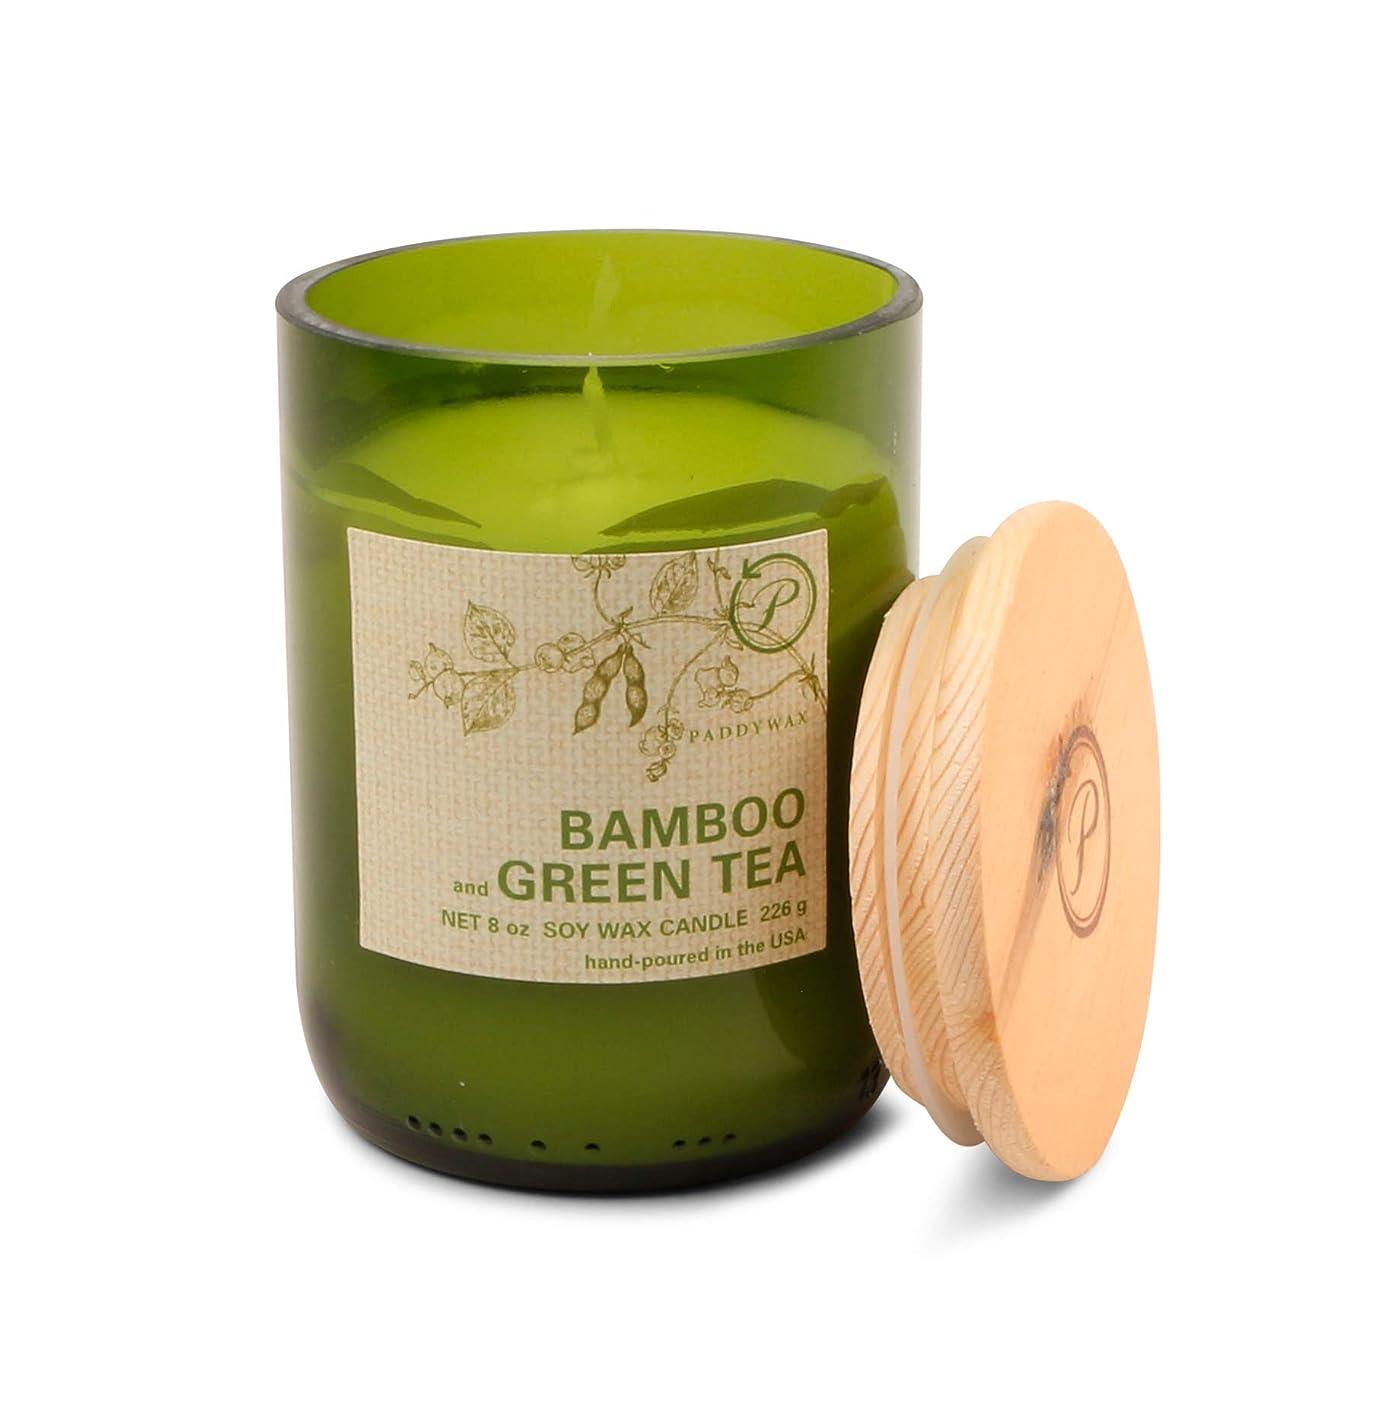 シーズン楽しいジャグリングパディワックス(PADDYWAX) エコ?グリーン キャンドル(ECO GREEN Candle) バンブー & グリーンティー(BAMBOO and GREEN TEA)